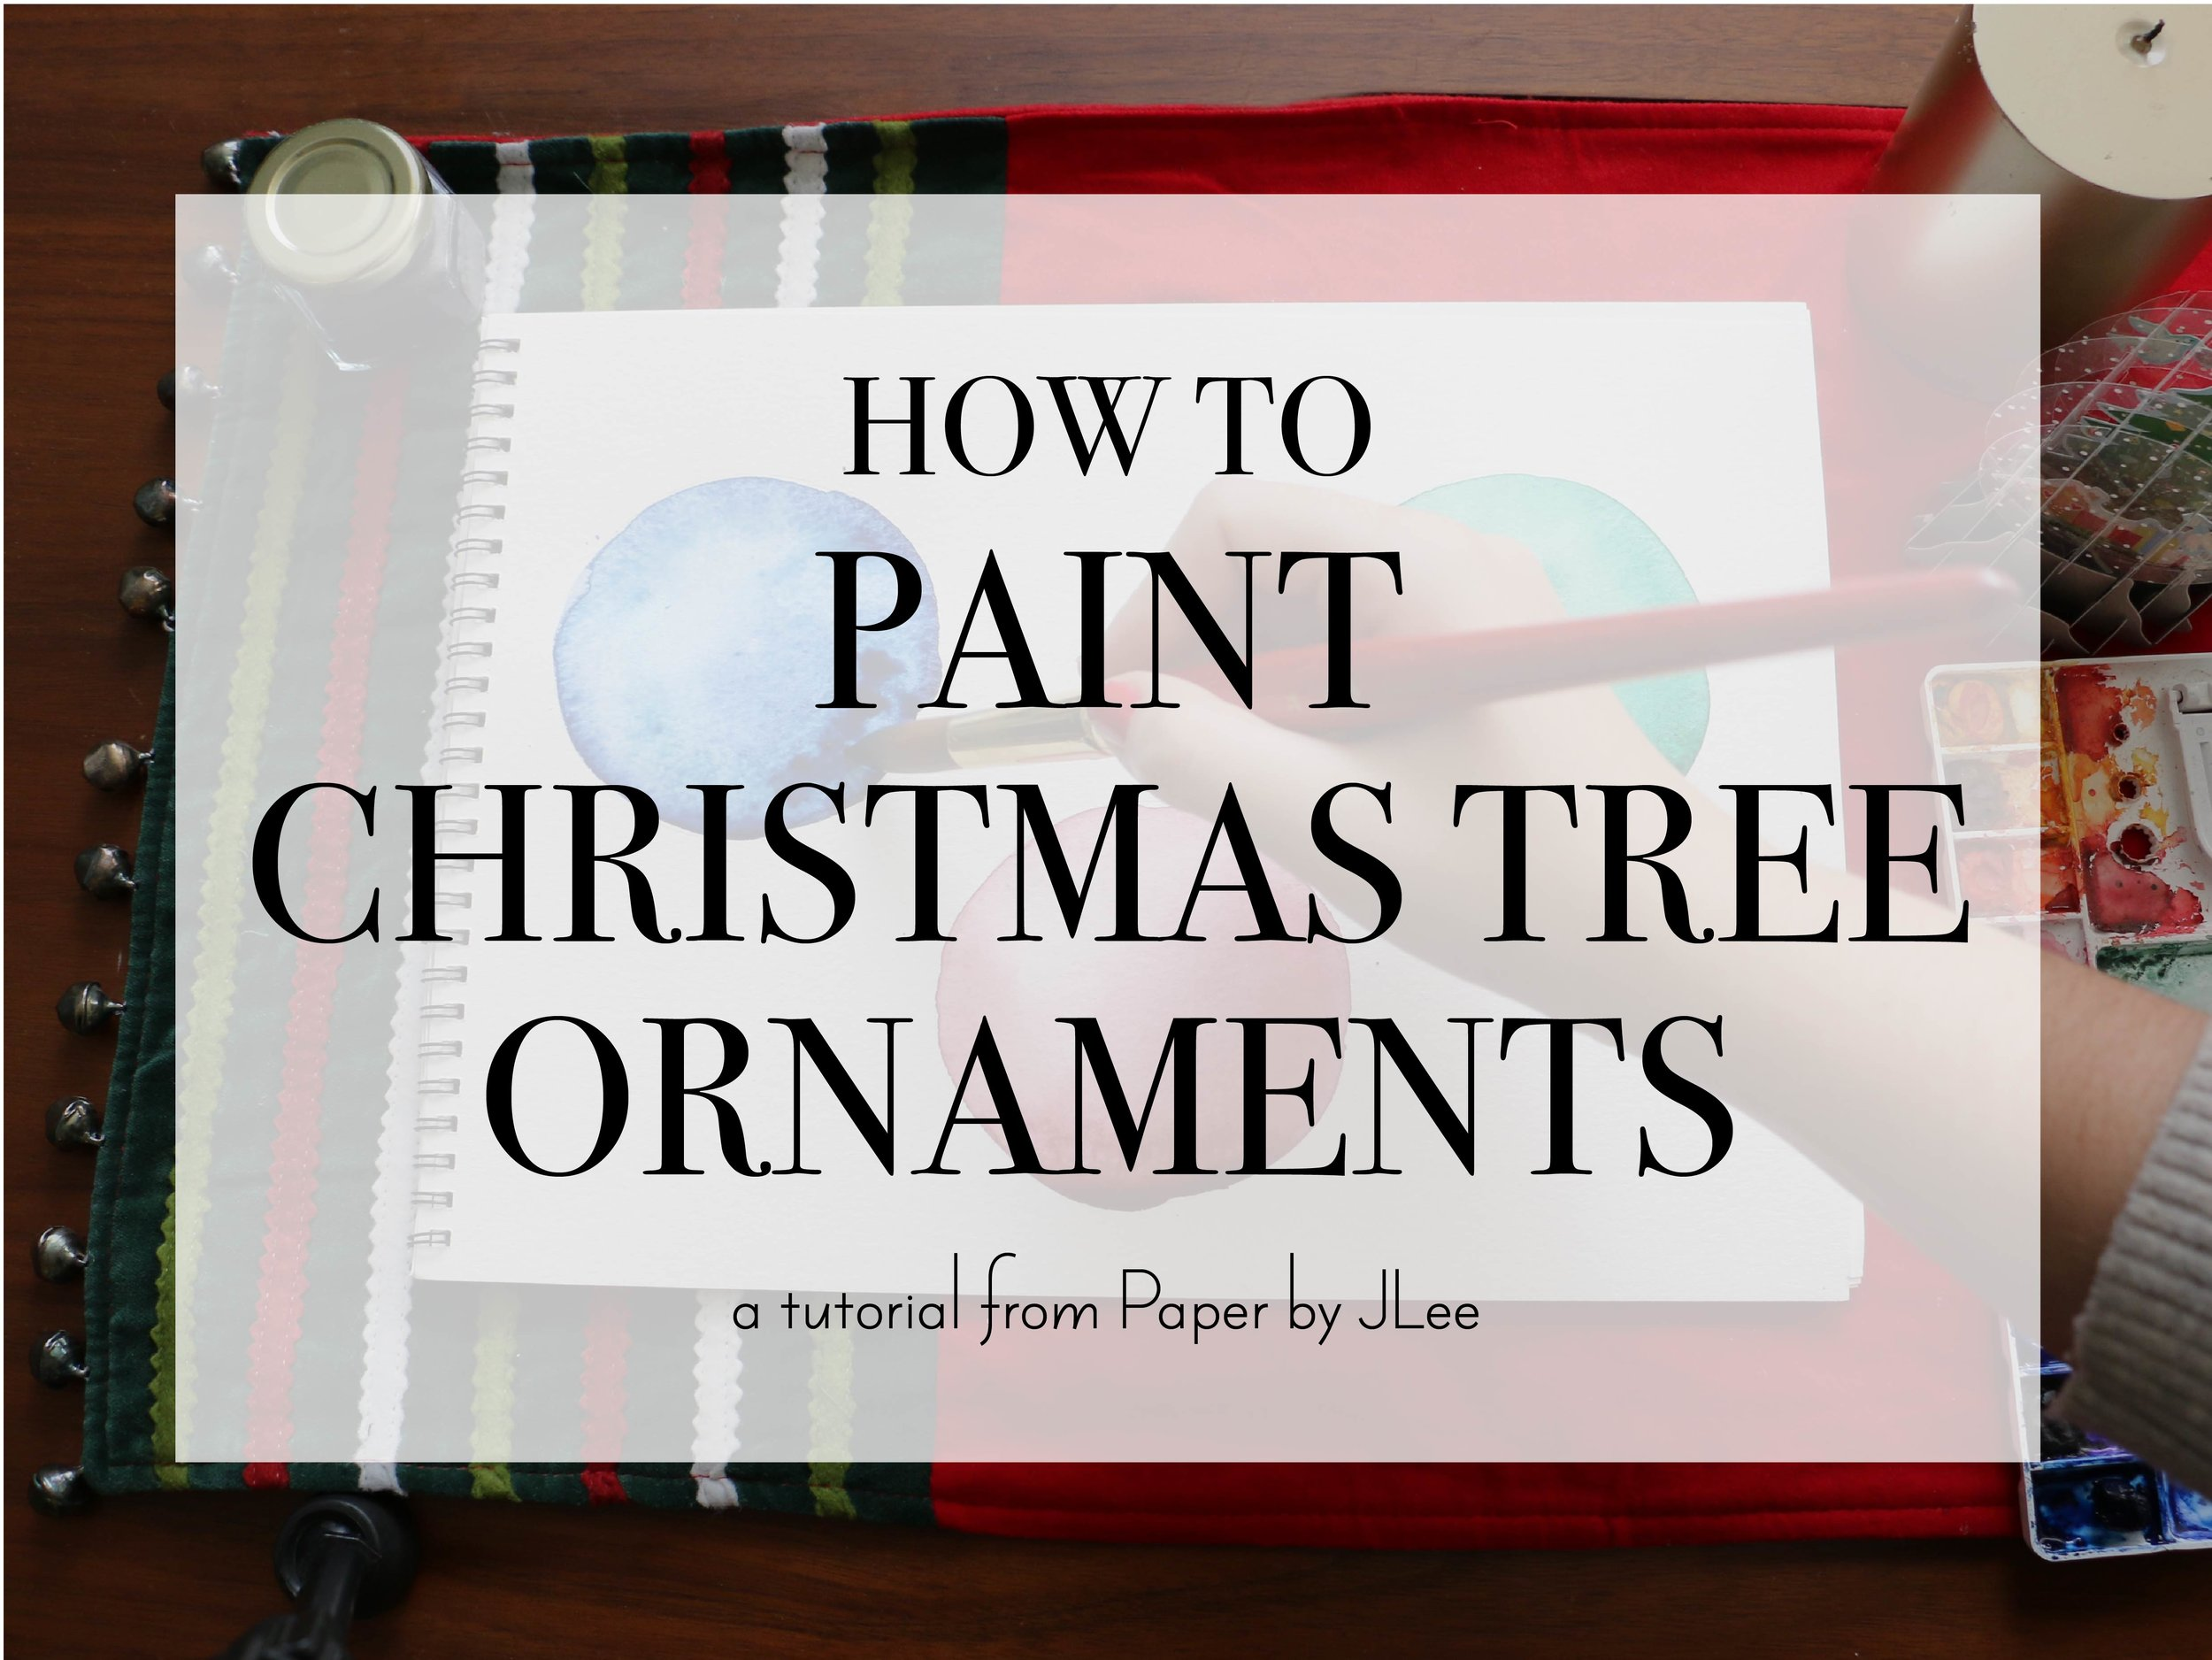 tree ornaments.jpg